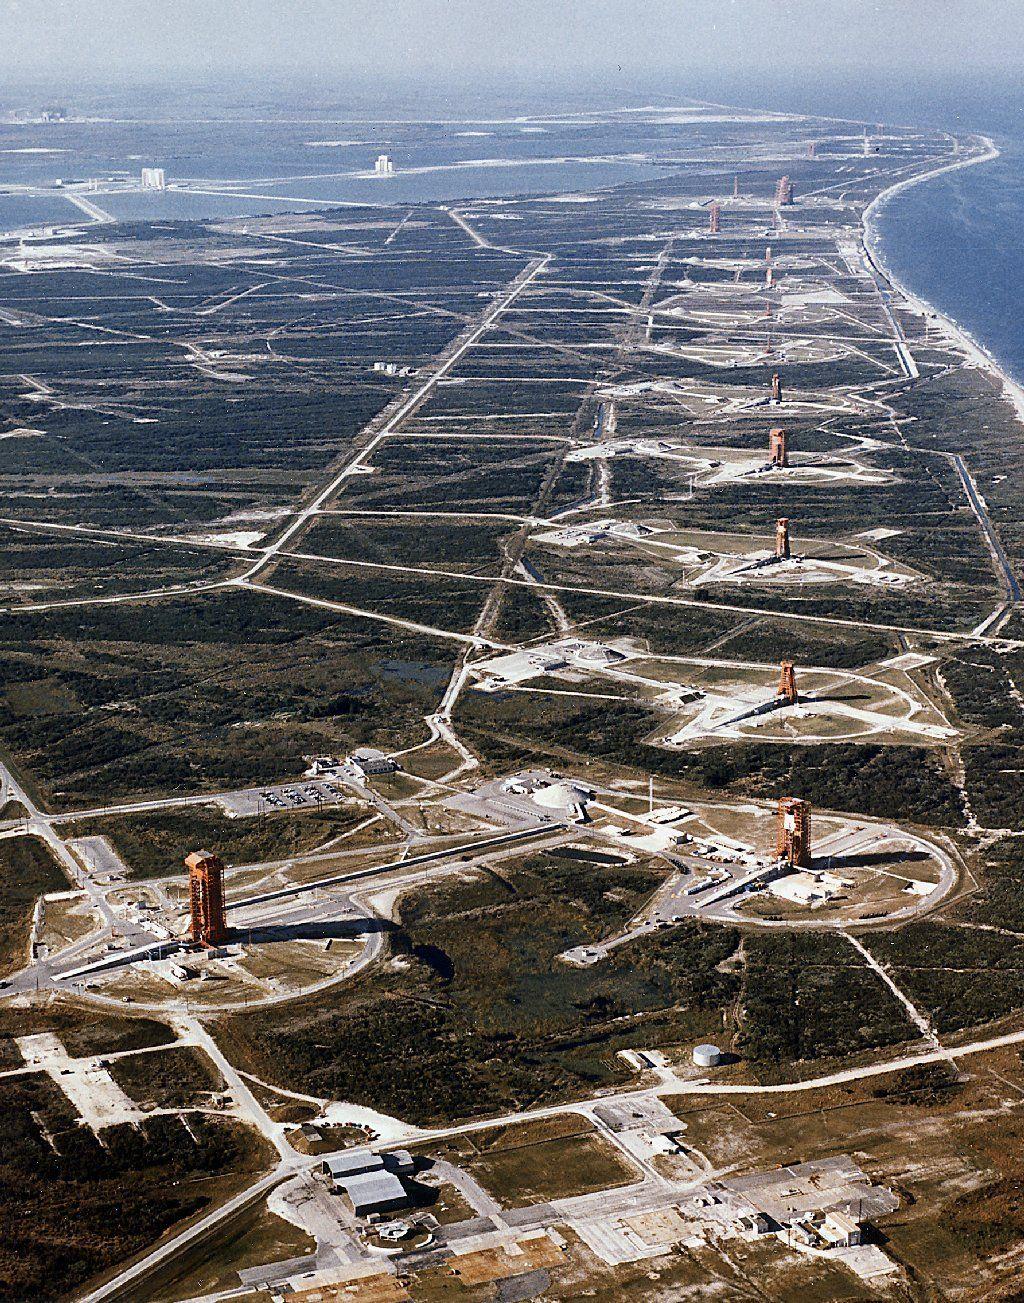 Di sini, terdapat puluhan titik peluncuran roket, namun hanya lima diantaranya yang aktif (Wikipedia)